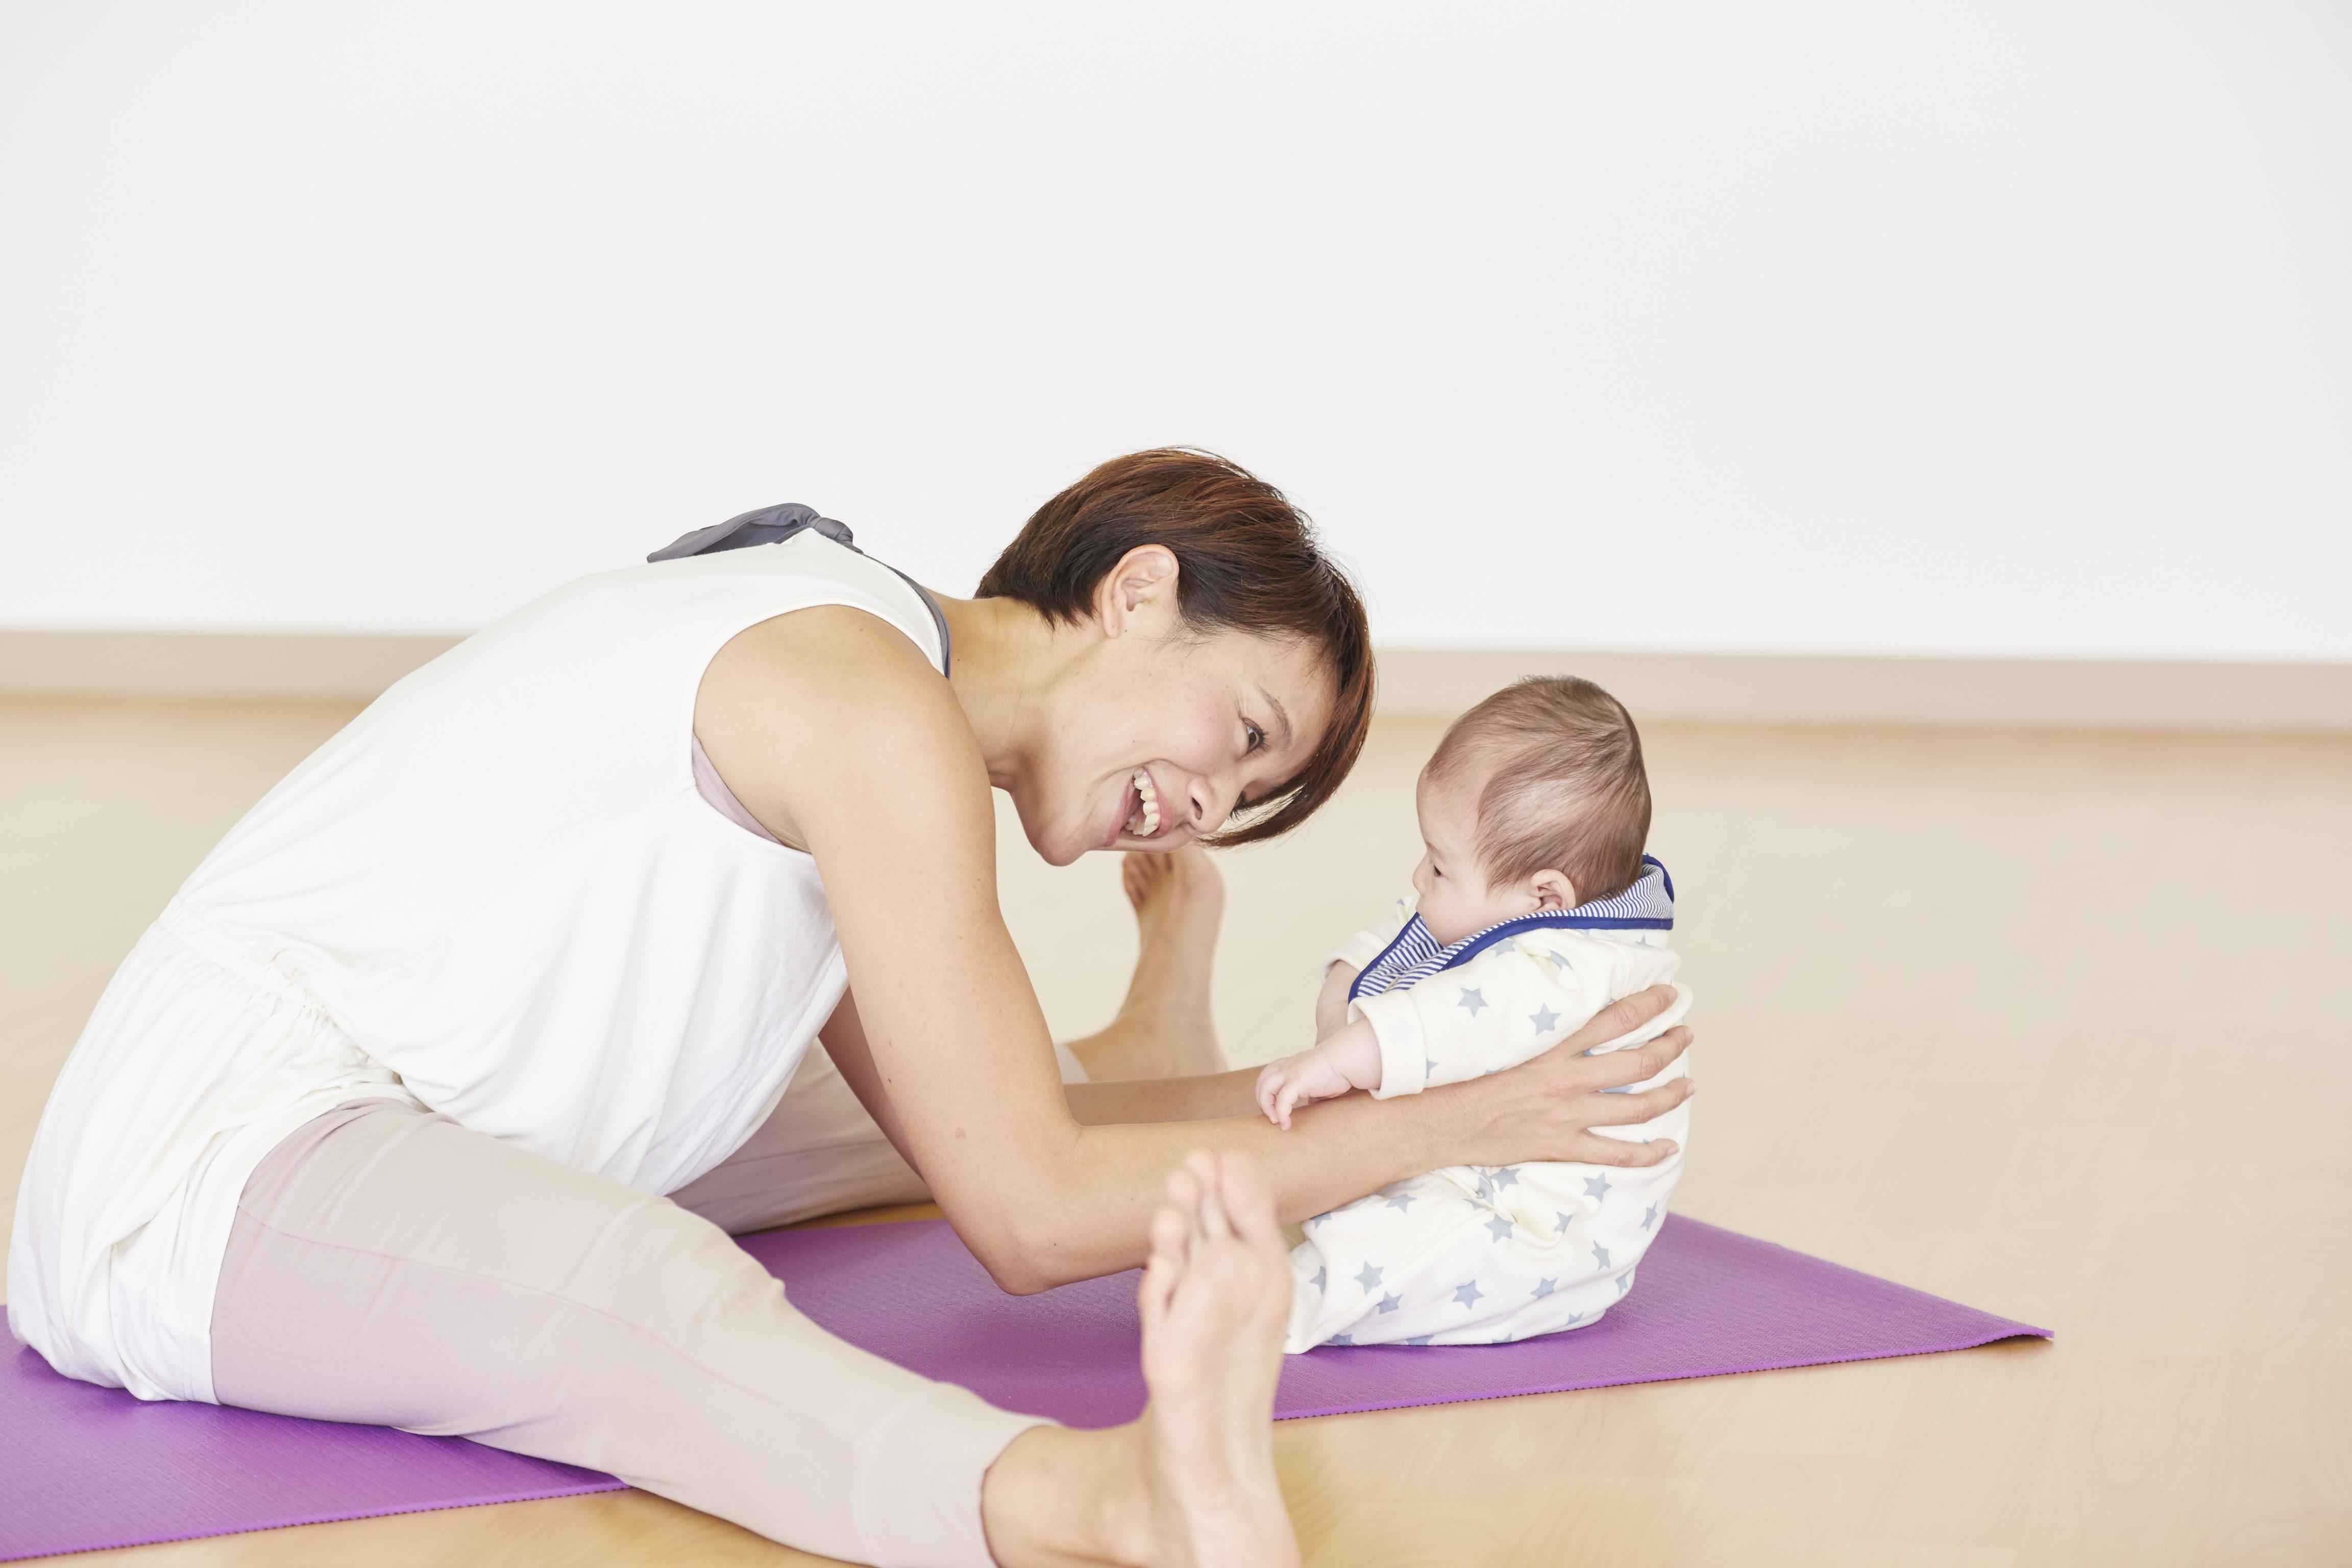 ドゥミルネサンス目黒 - 産後ママのためのヨガ&フィットネス「ママ&ベビー会員」の写真1